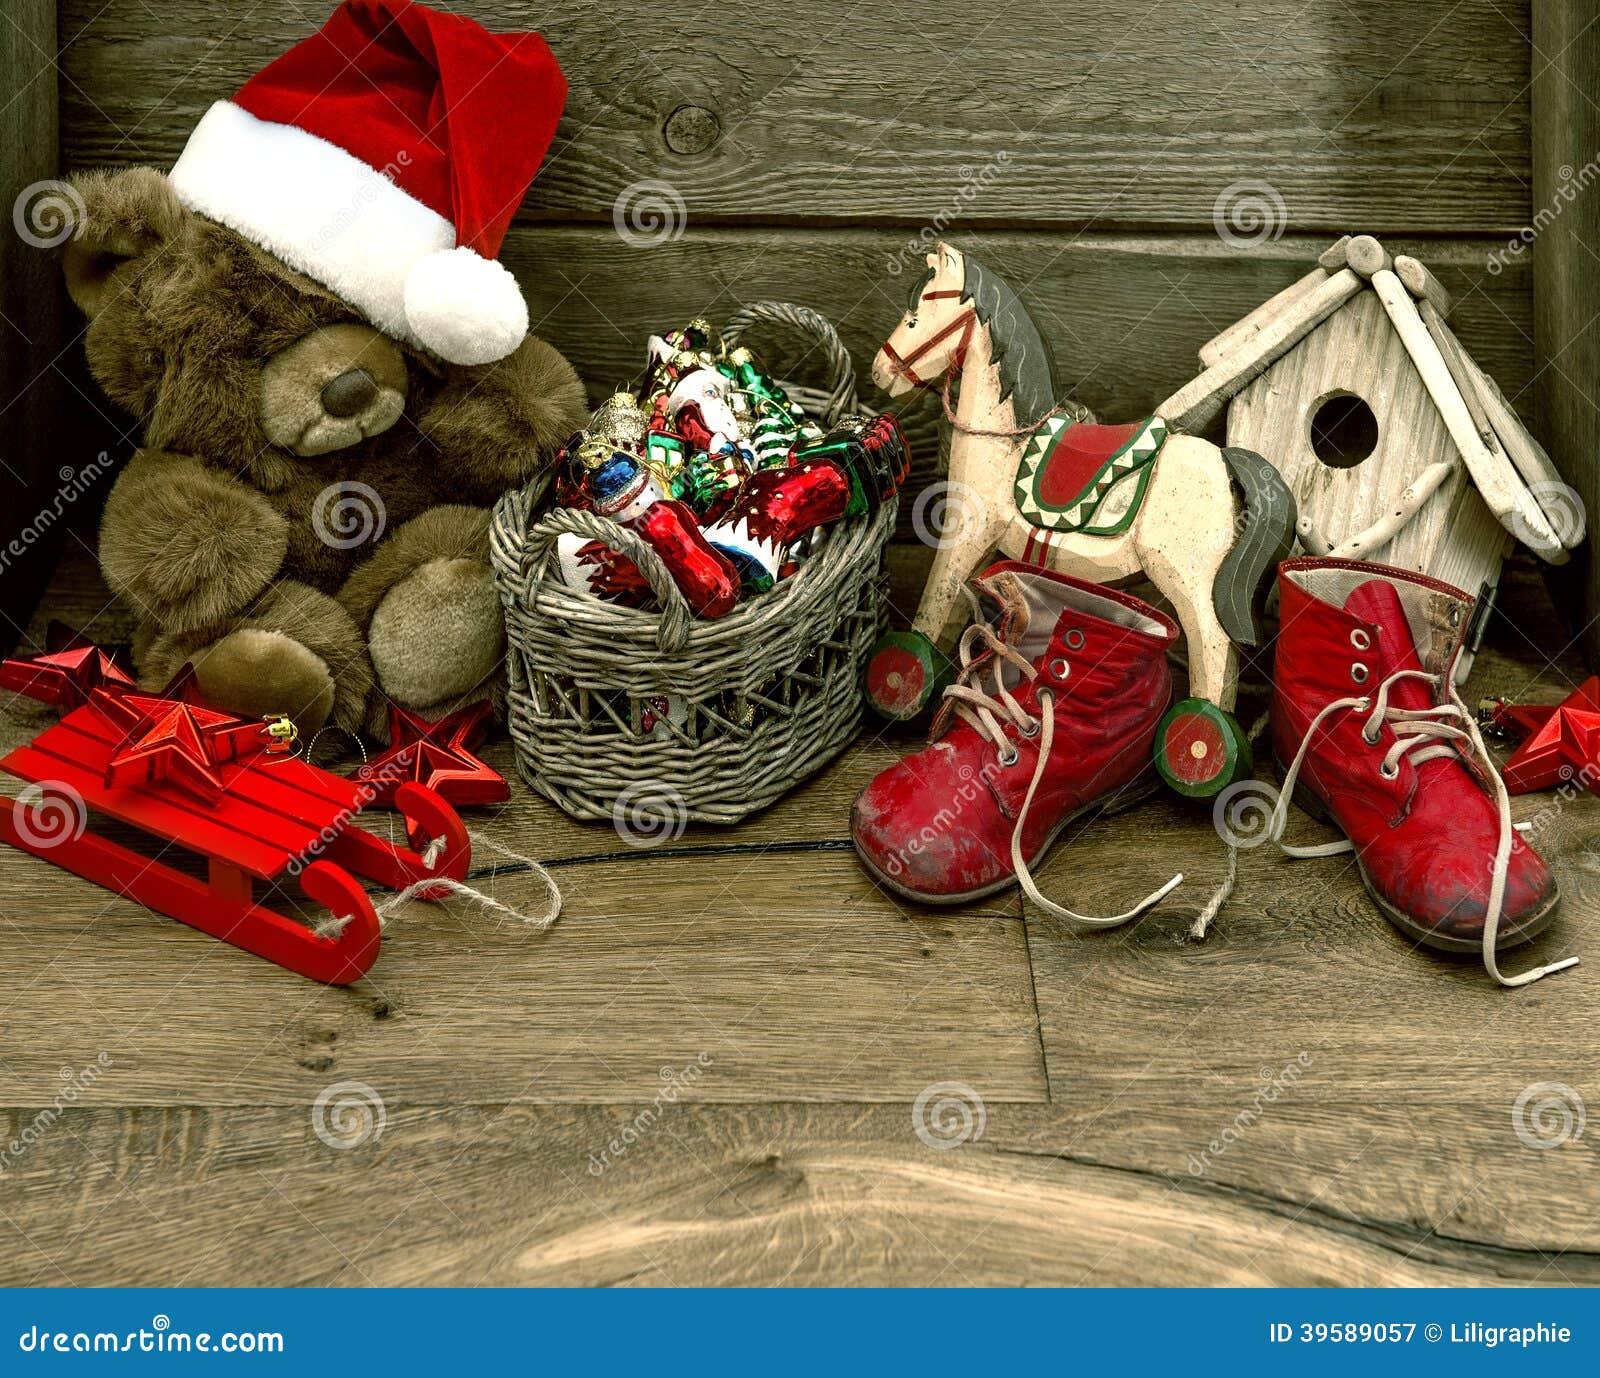 Nostalgic Christmas Decorations: Nostalgic Christmas Decoration With Antique Toys Stock